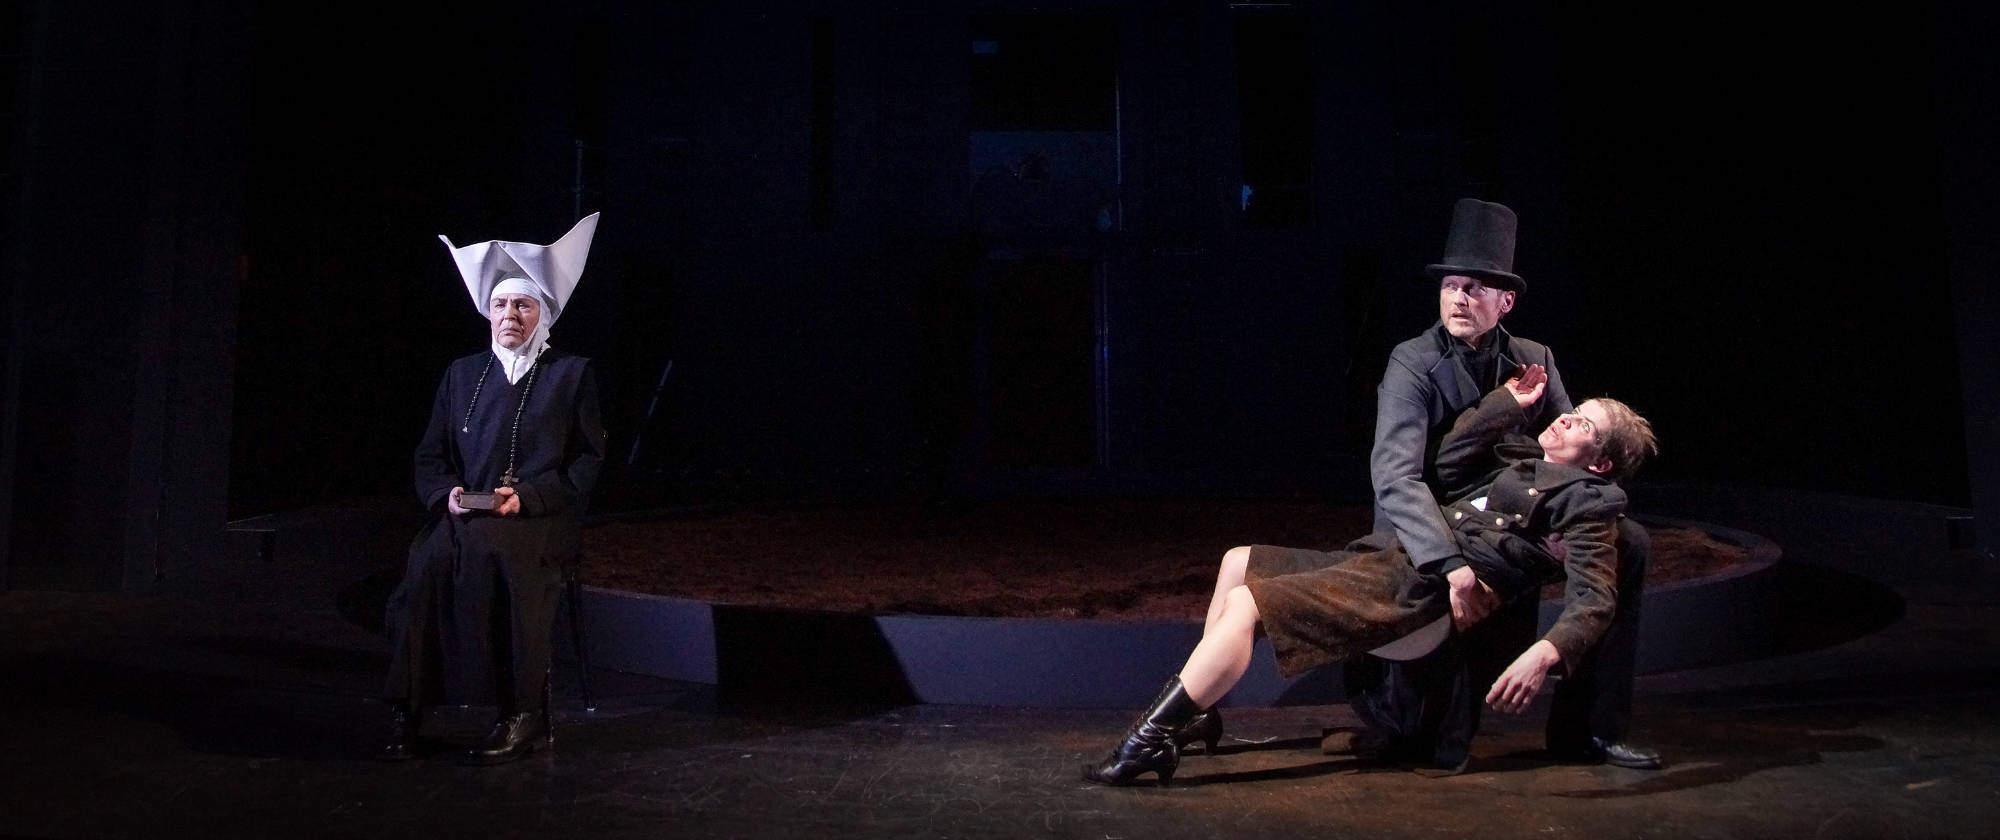 008-DIE-ELENDEN-nach-Victor-Hugo-Les-Miserables-von-Malte-Kreutzfeldt-Regie-c-photo-Olaf-Struck-Theater-Schauspielhaus-Kiel-2019